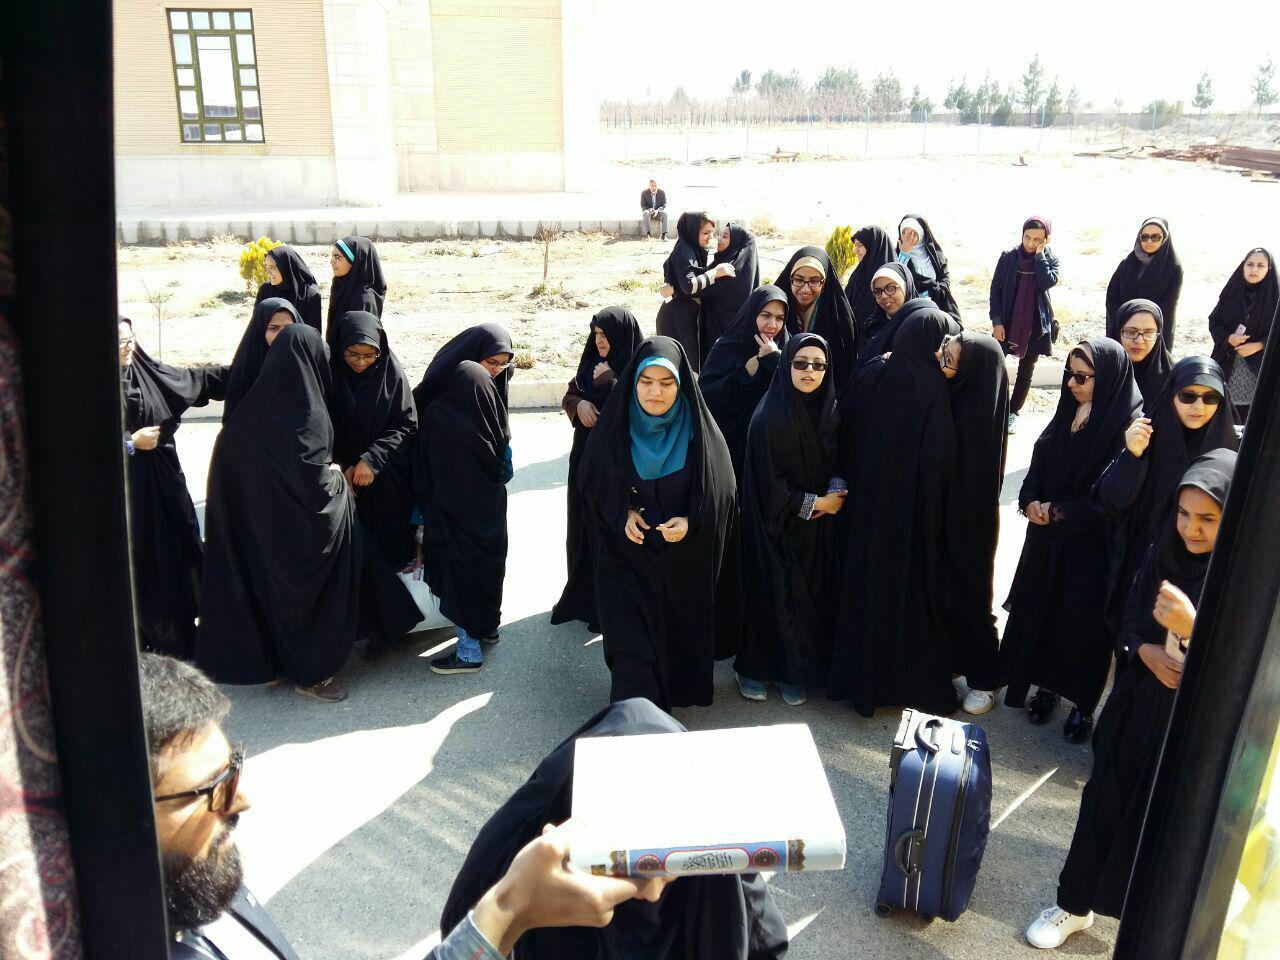 اعزام دانشجویان دانشگاه پیام نور خراسان جنوبی به مناطق جنوب